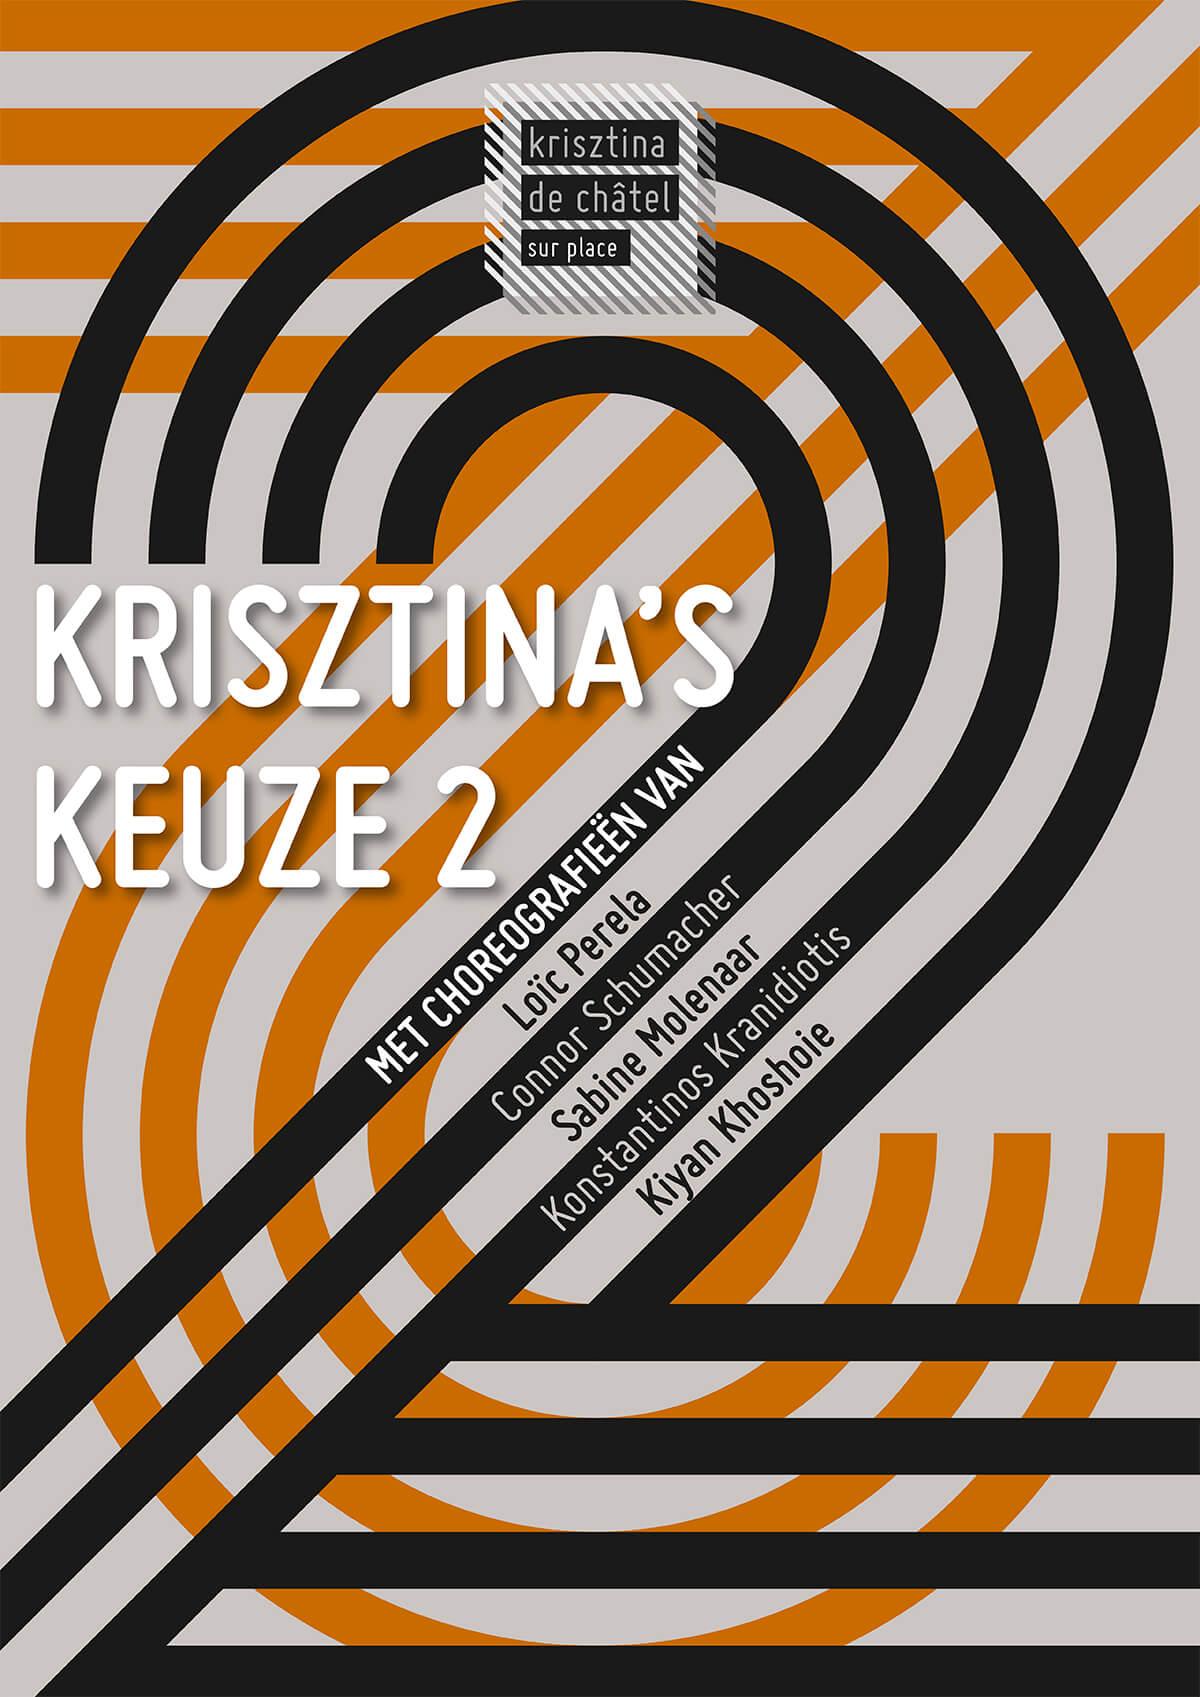 Krisztina de Châtel - Krisztina's keuze 2